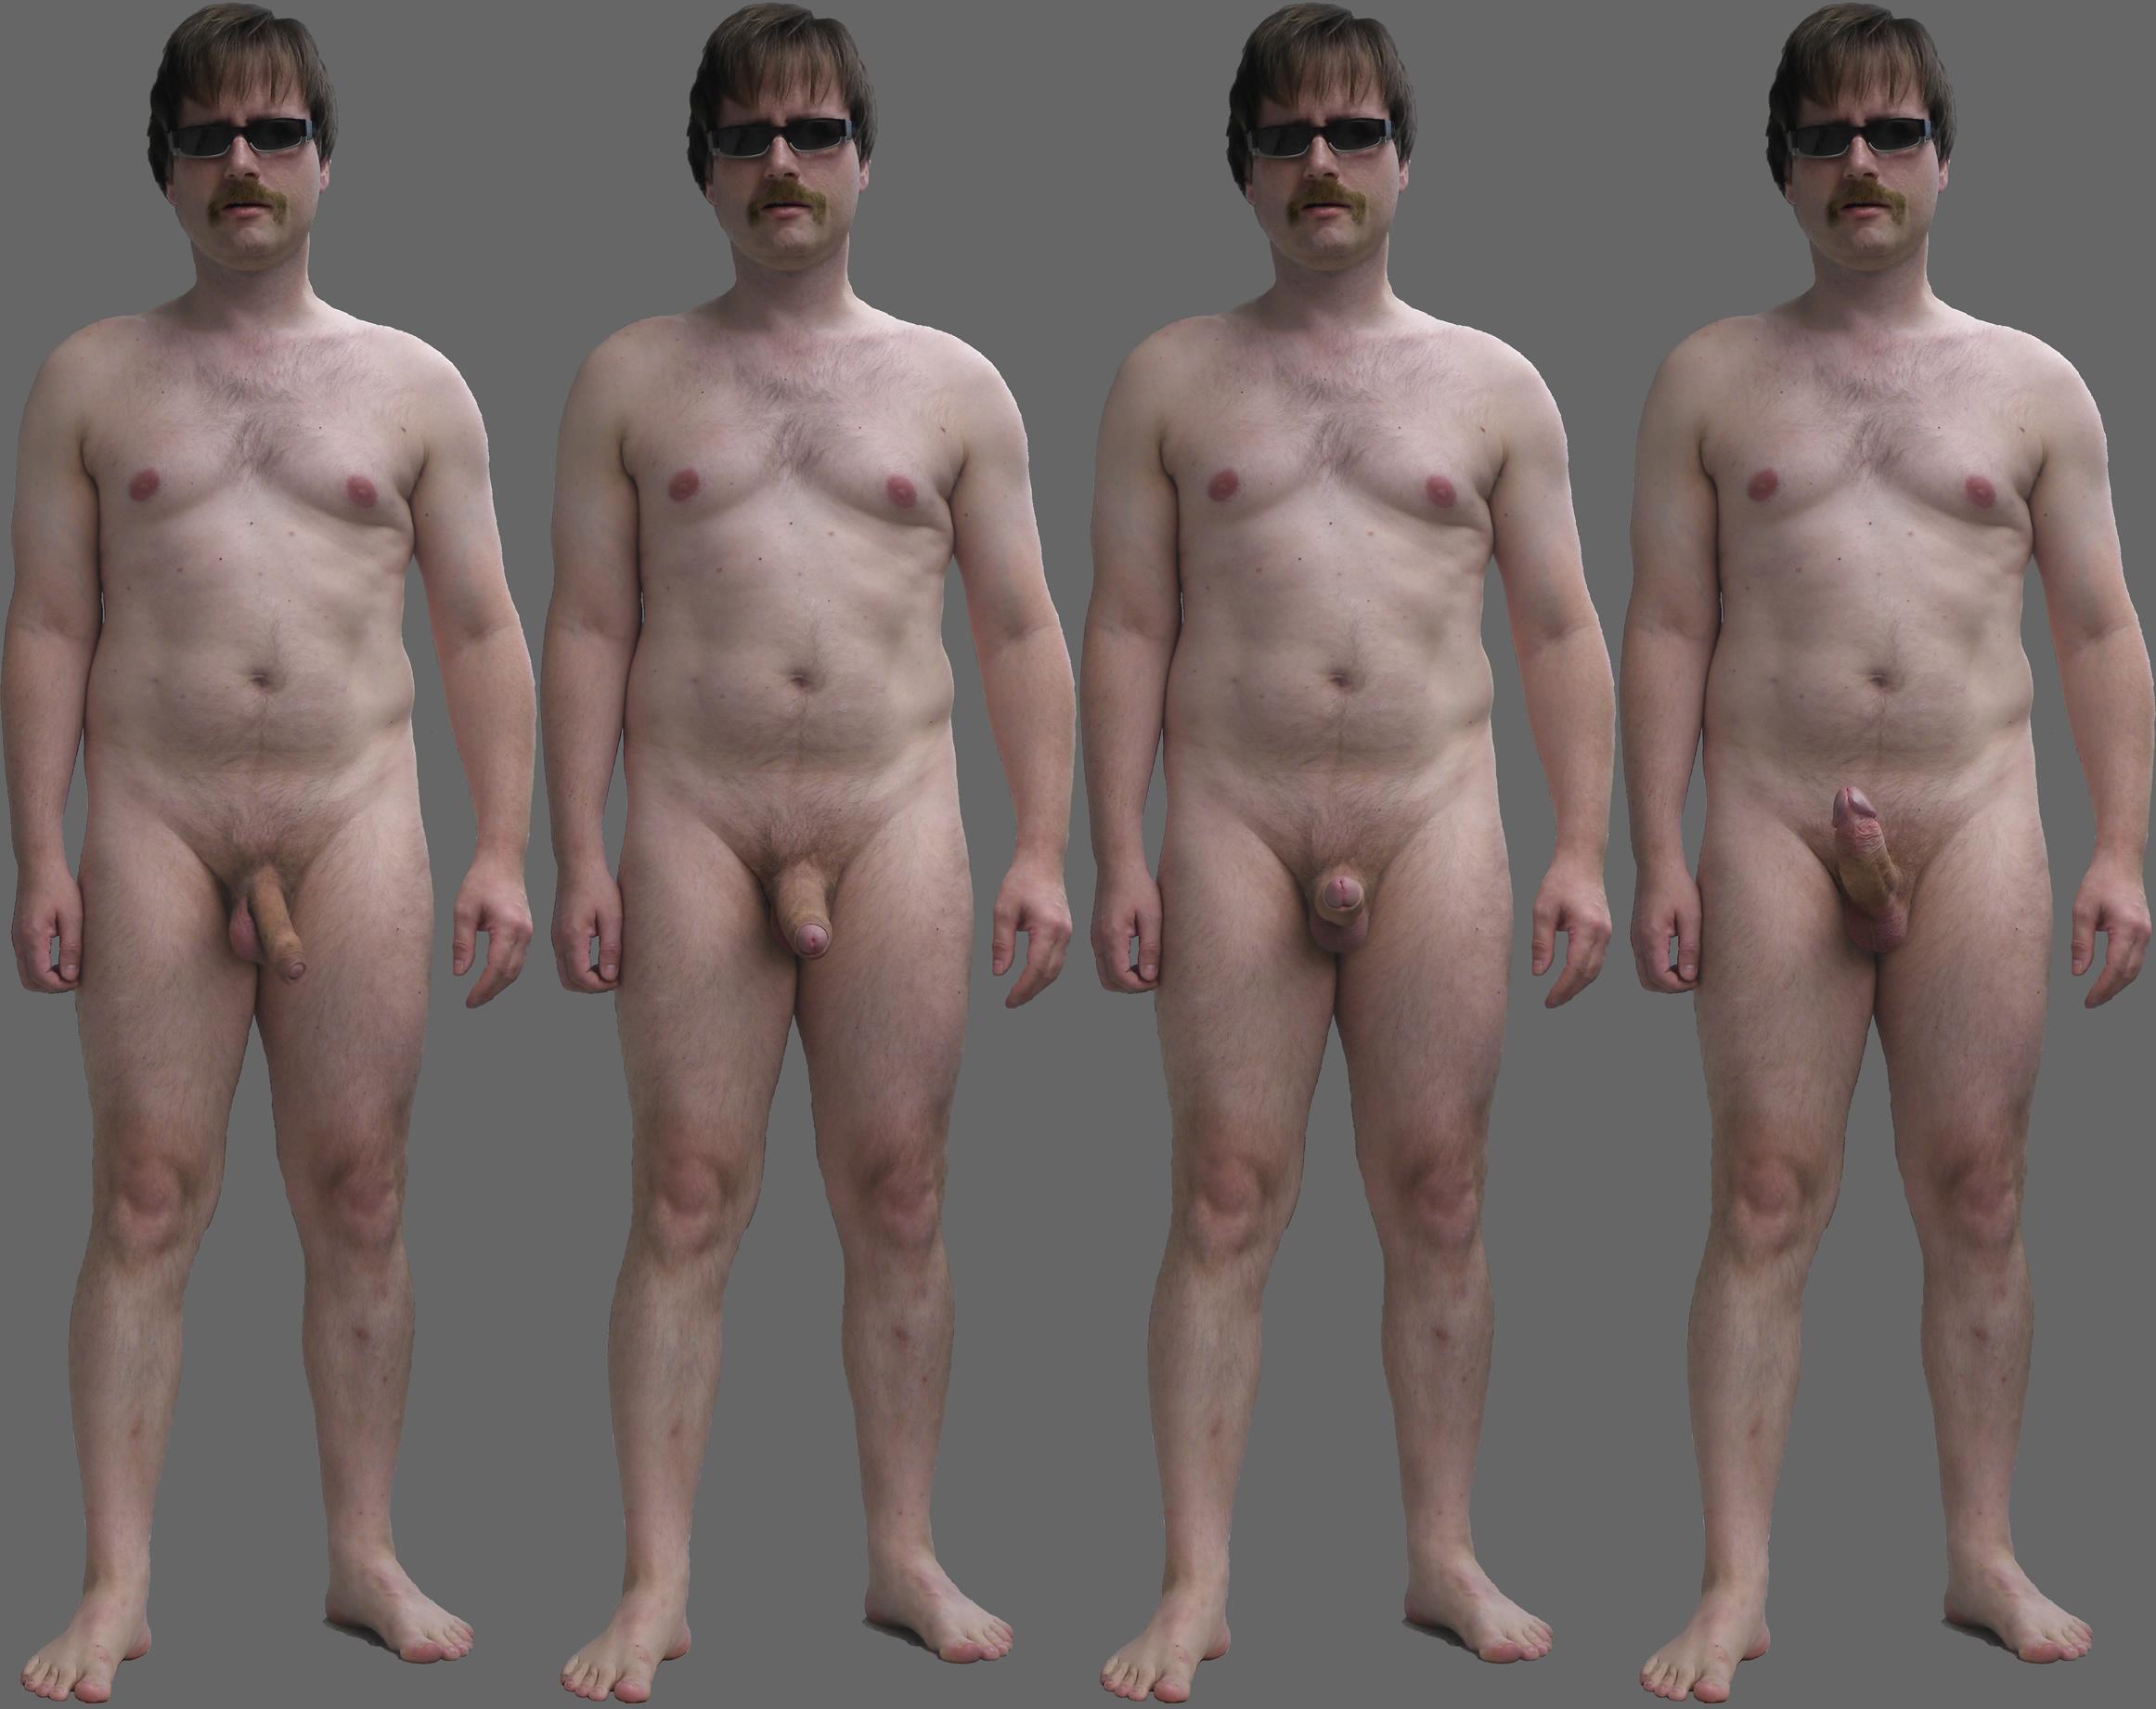 Erektion nude video model male